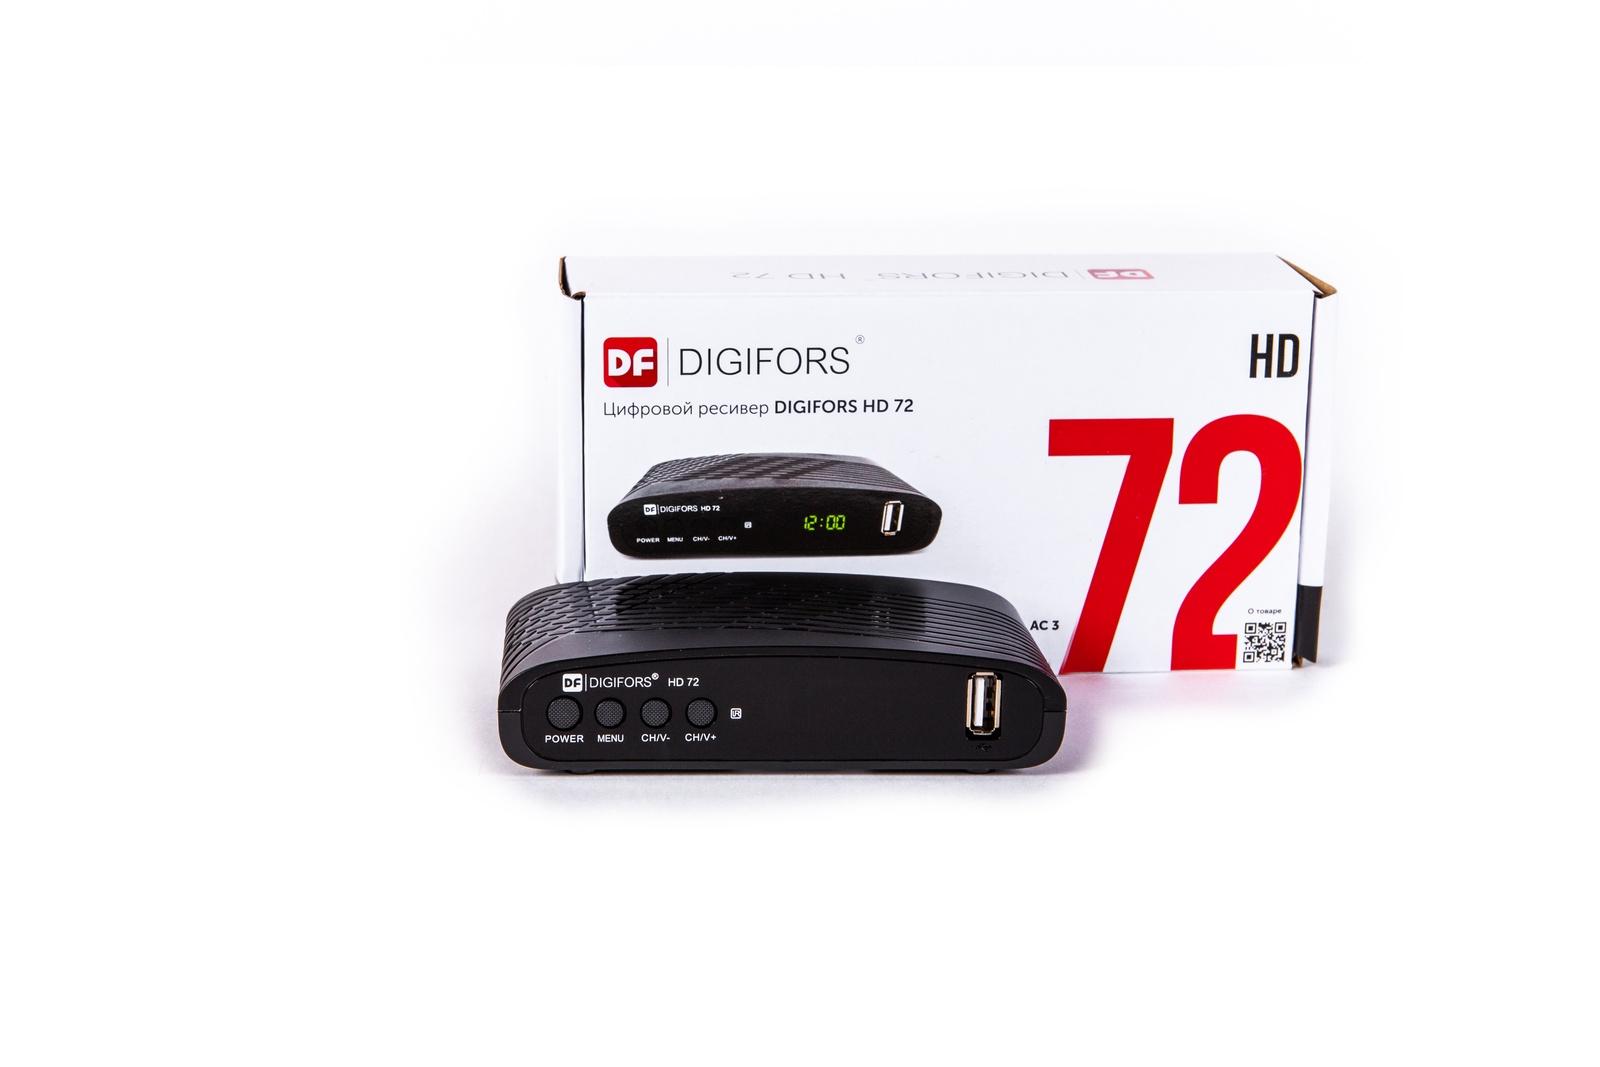 Цифровой эфирный DVB-T2/DVB-C ресивер с мультимедиа DIGIFORS HD 72